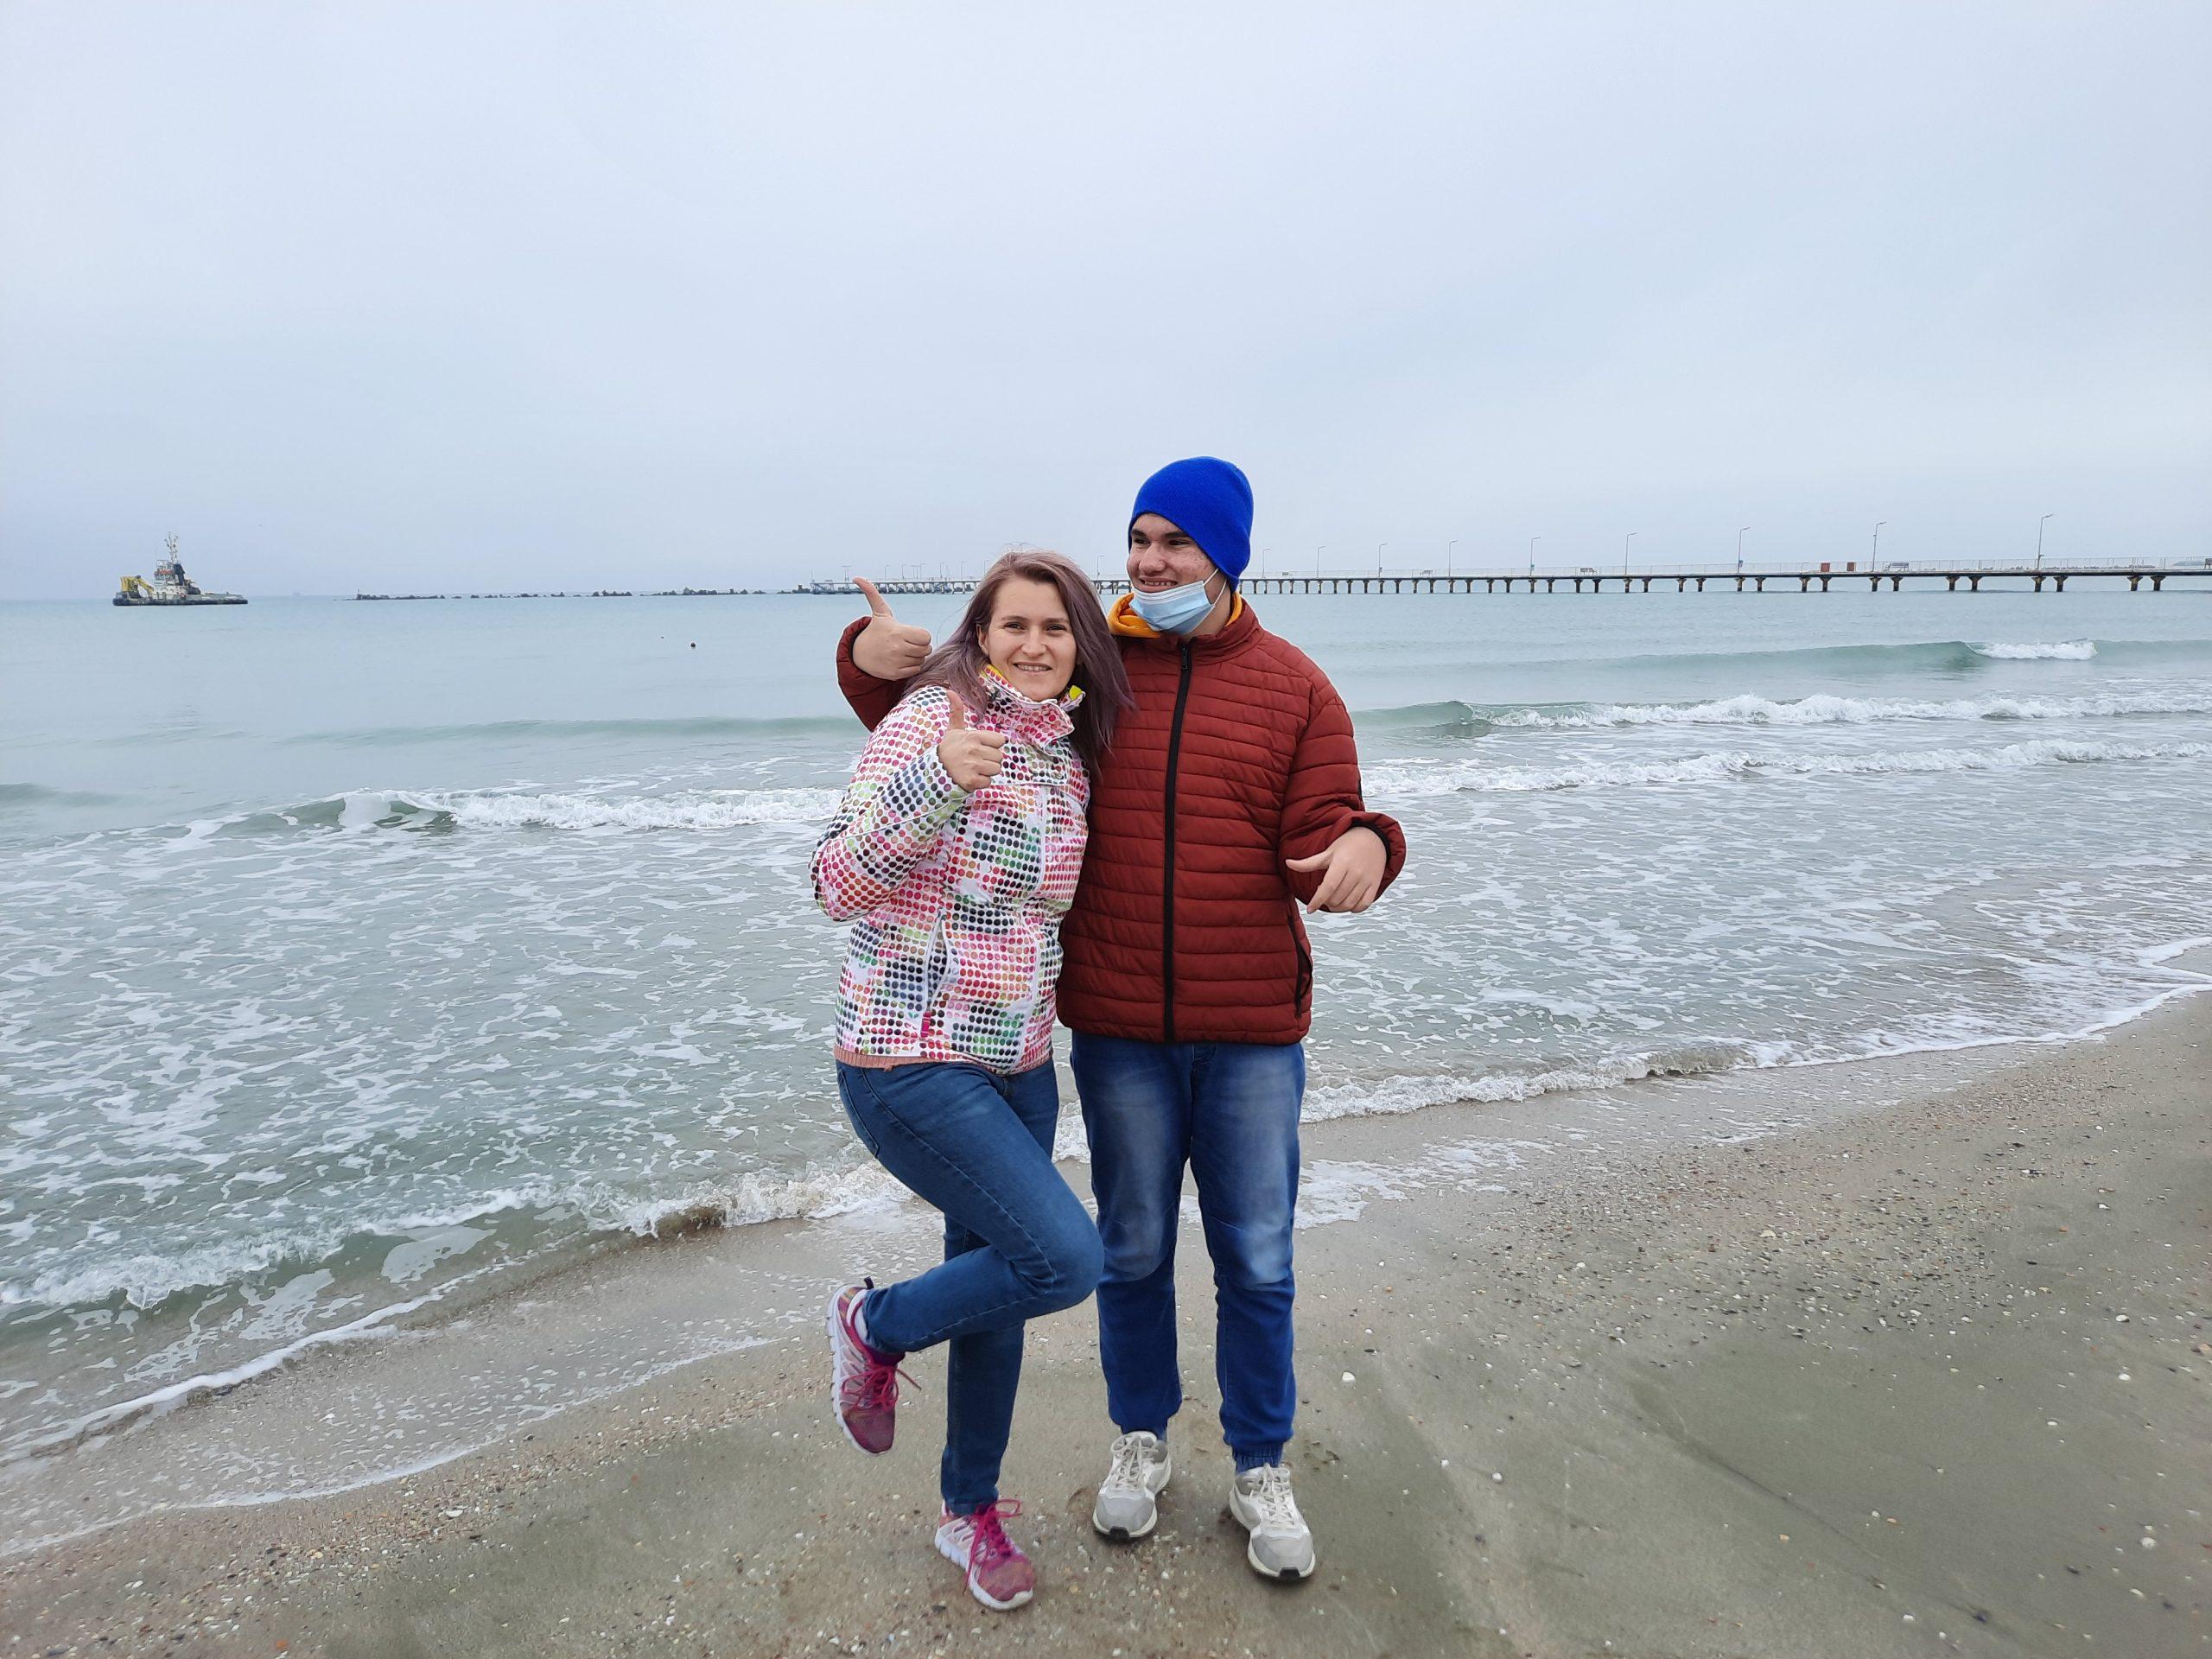 Carpe diem în varianta cu autism - Jurnalul unei vacanțe în care ne-am luat viața înapoi - Totul Despre Mame